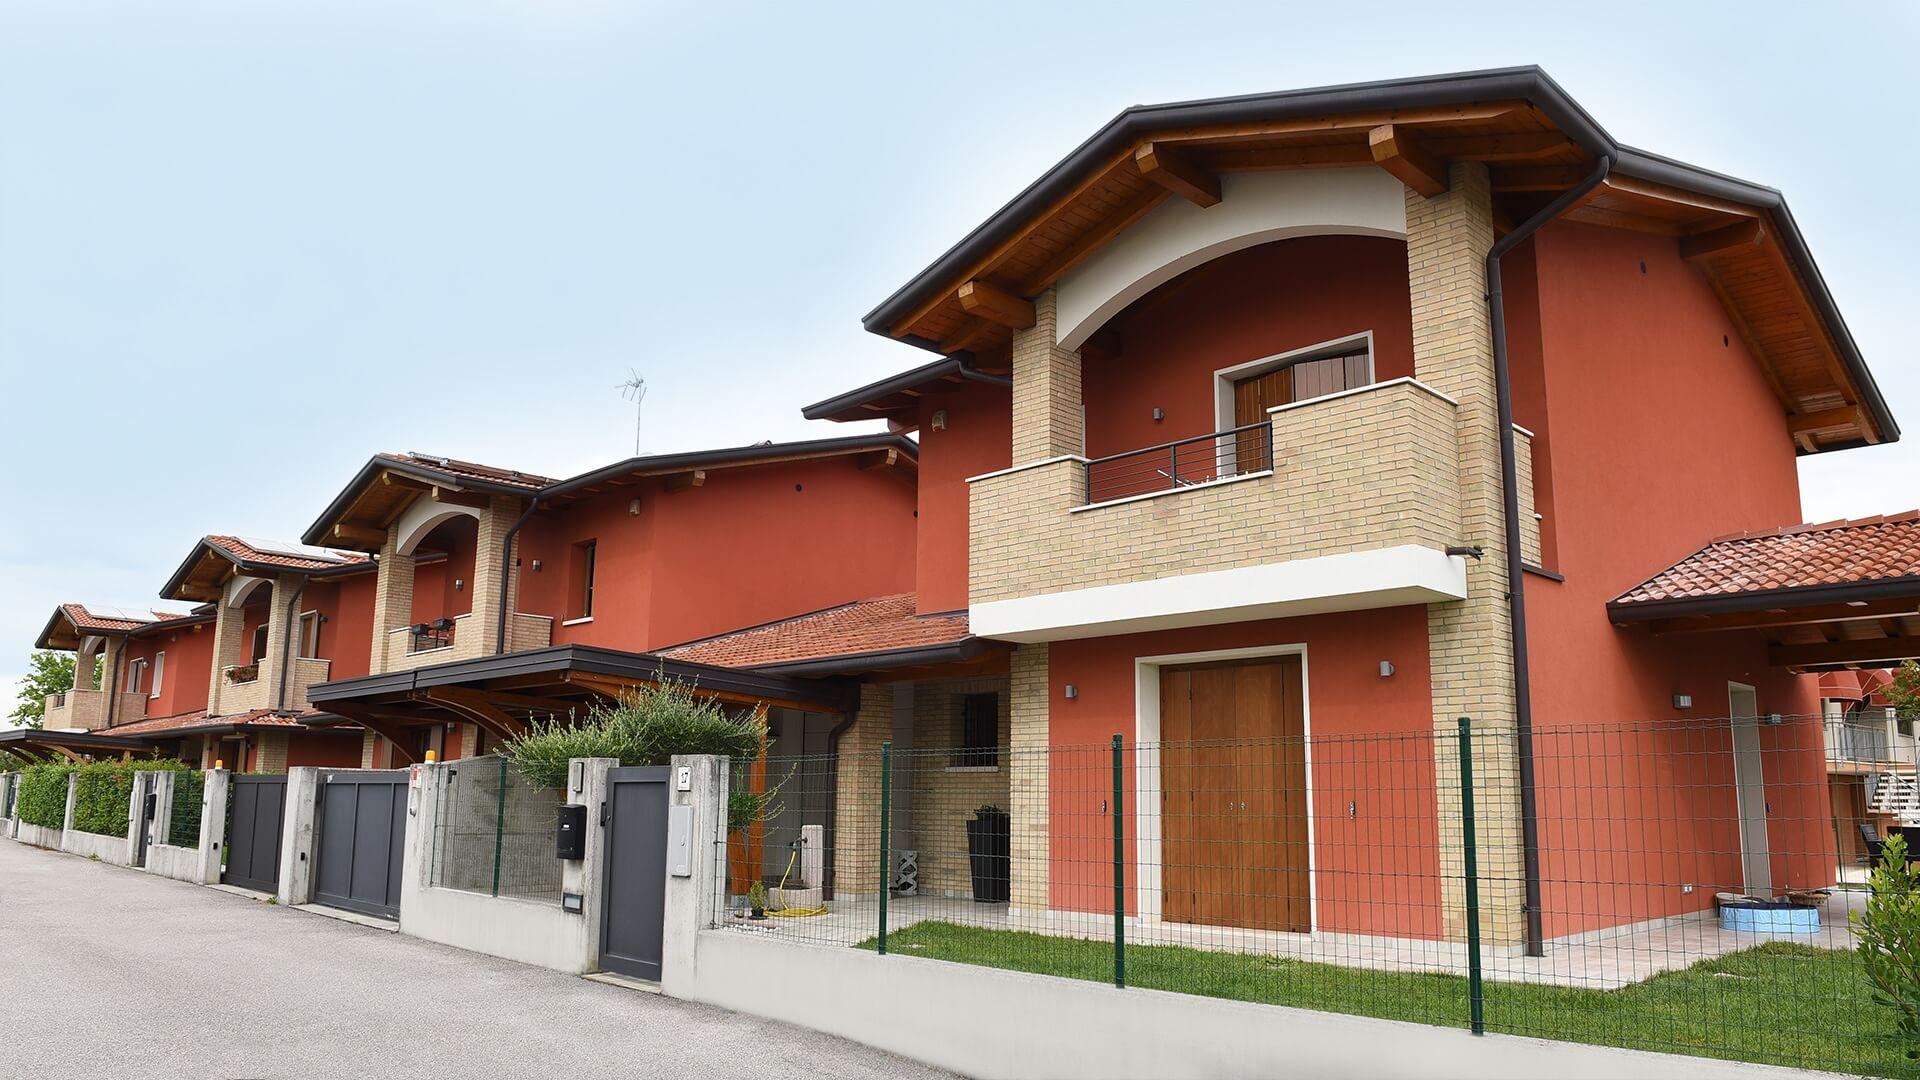 Residence Laura Pasiano di Pn Loc Visinale2 OK